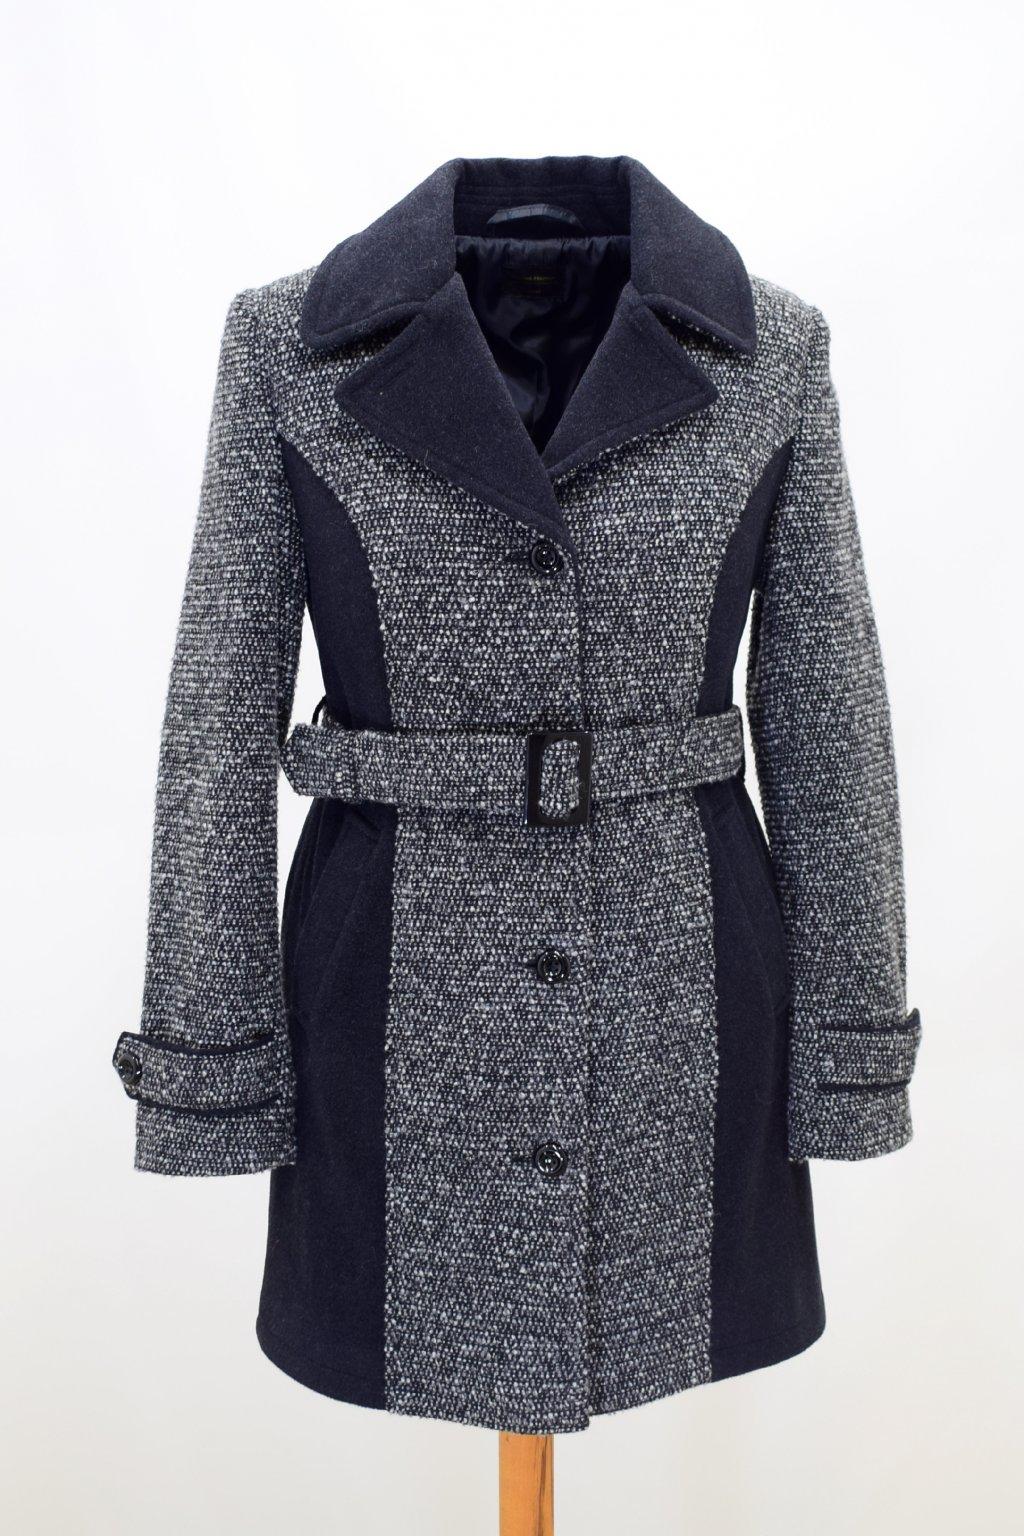 Dámský dvoubarevný zimní kabát Rozita nadměrné velikosti.